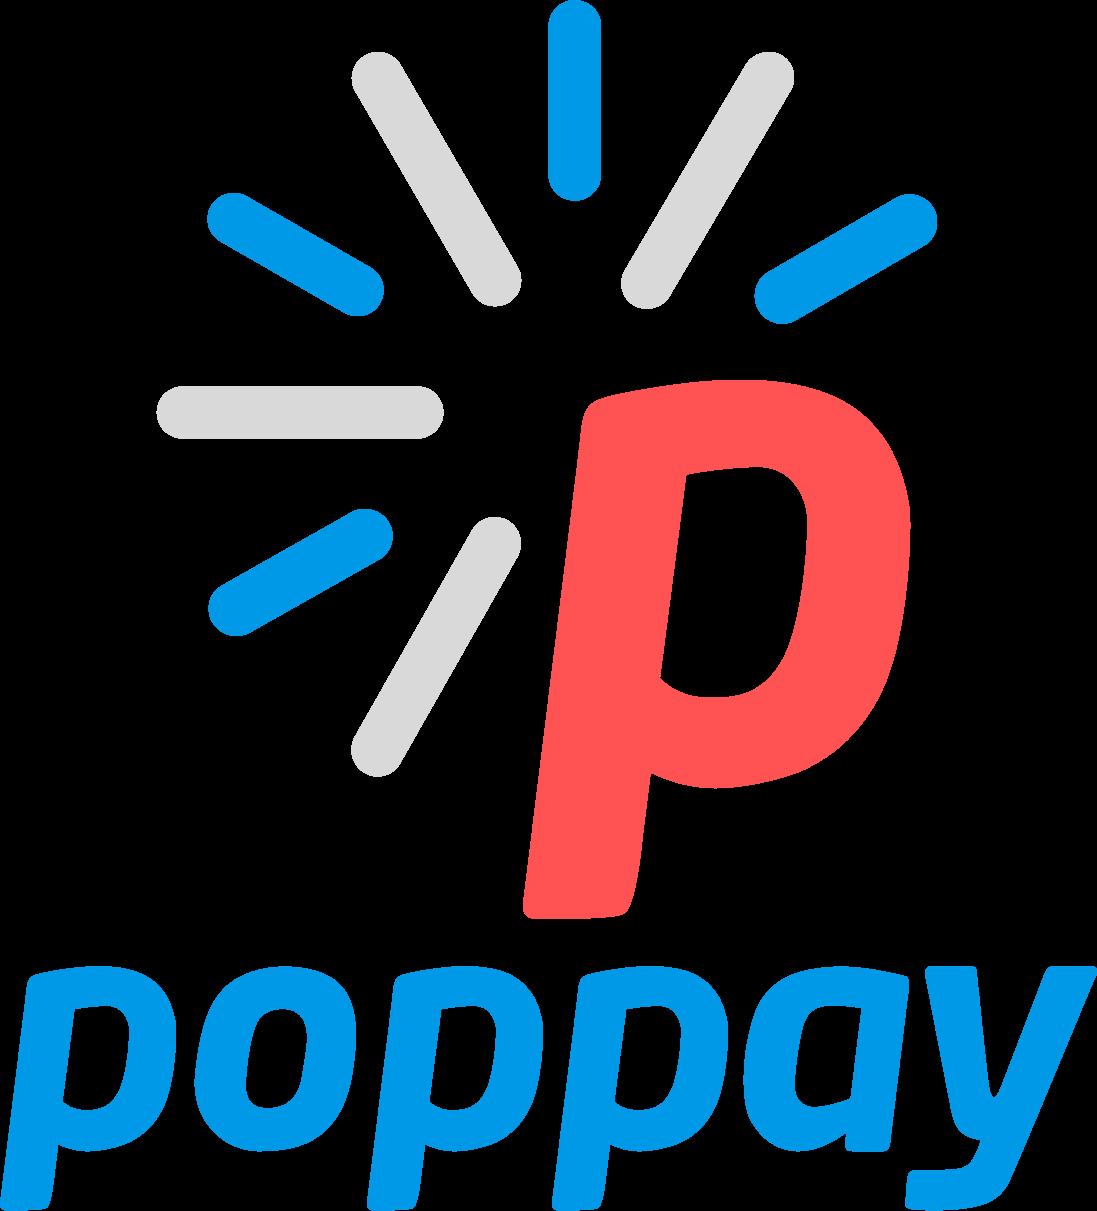 poppay_type02_-1